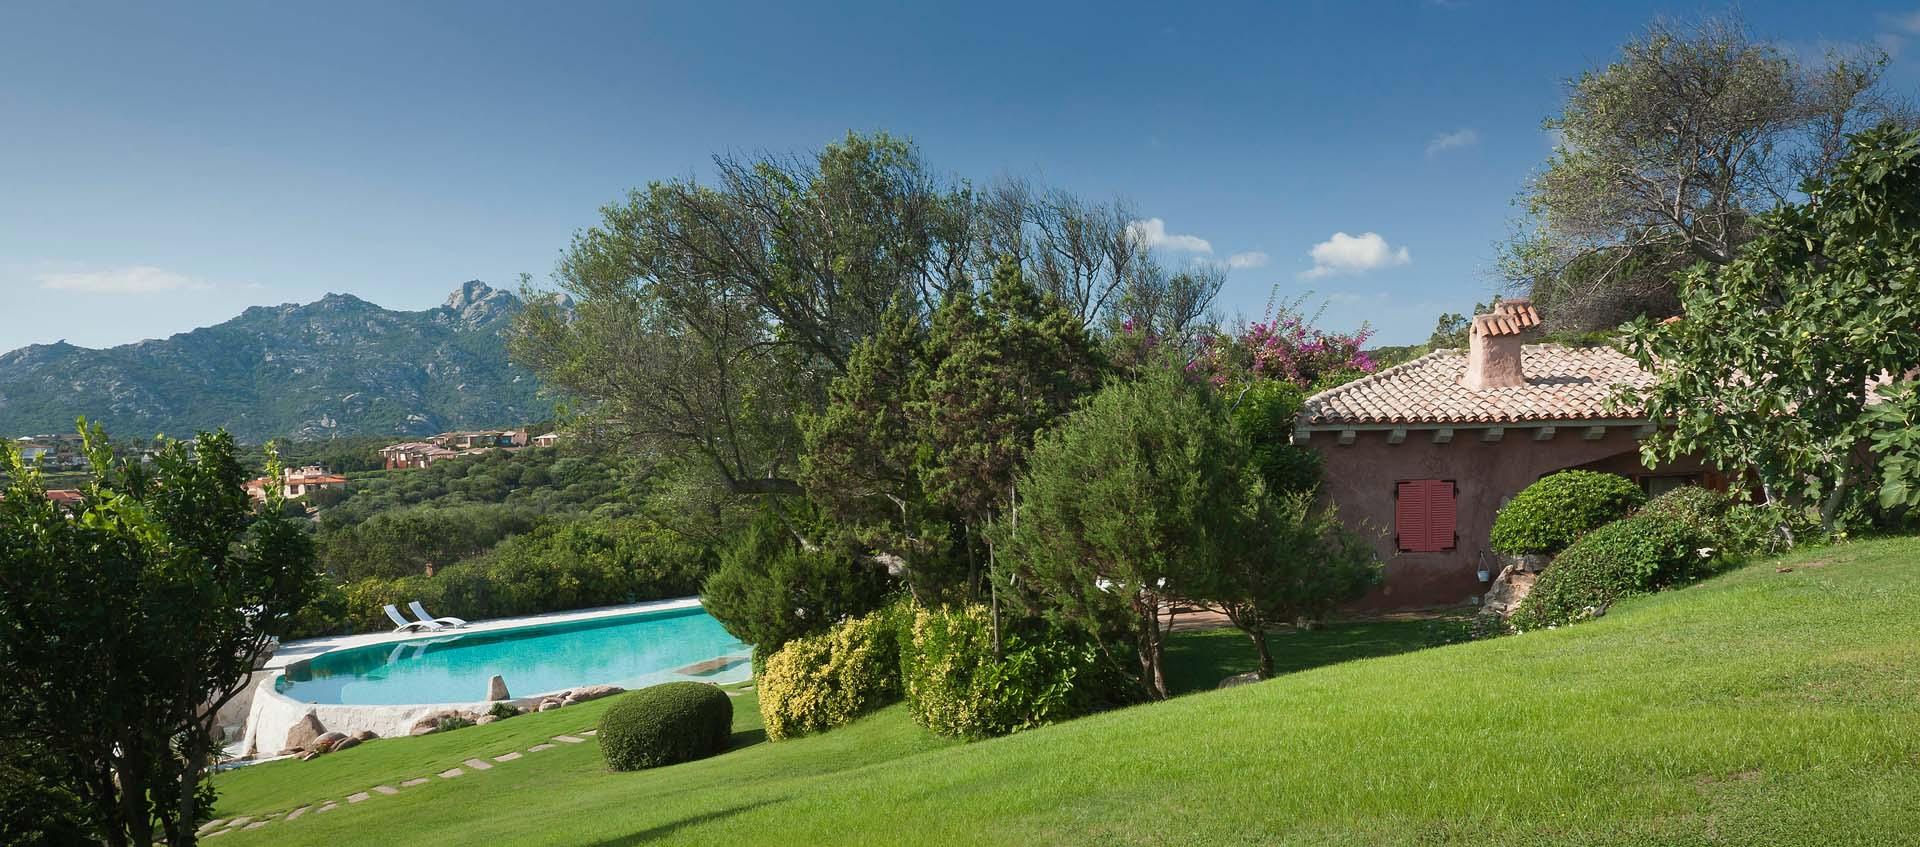 Luxury Villa Cala Granu Porto Cervo your escape (25)